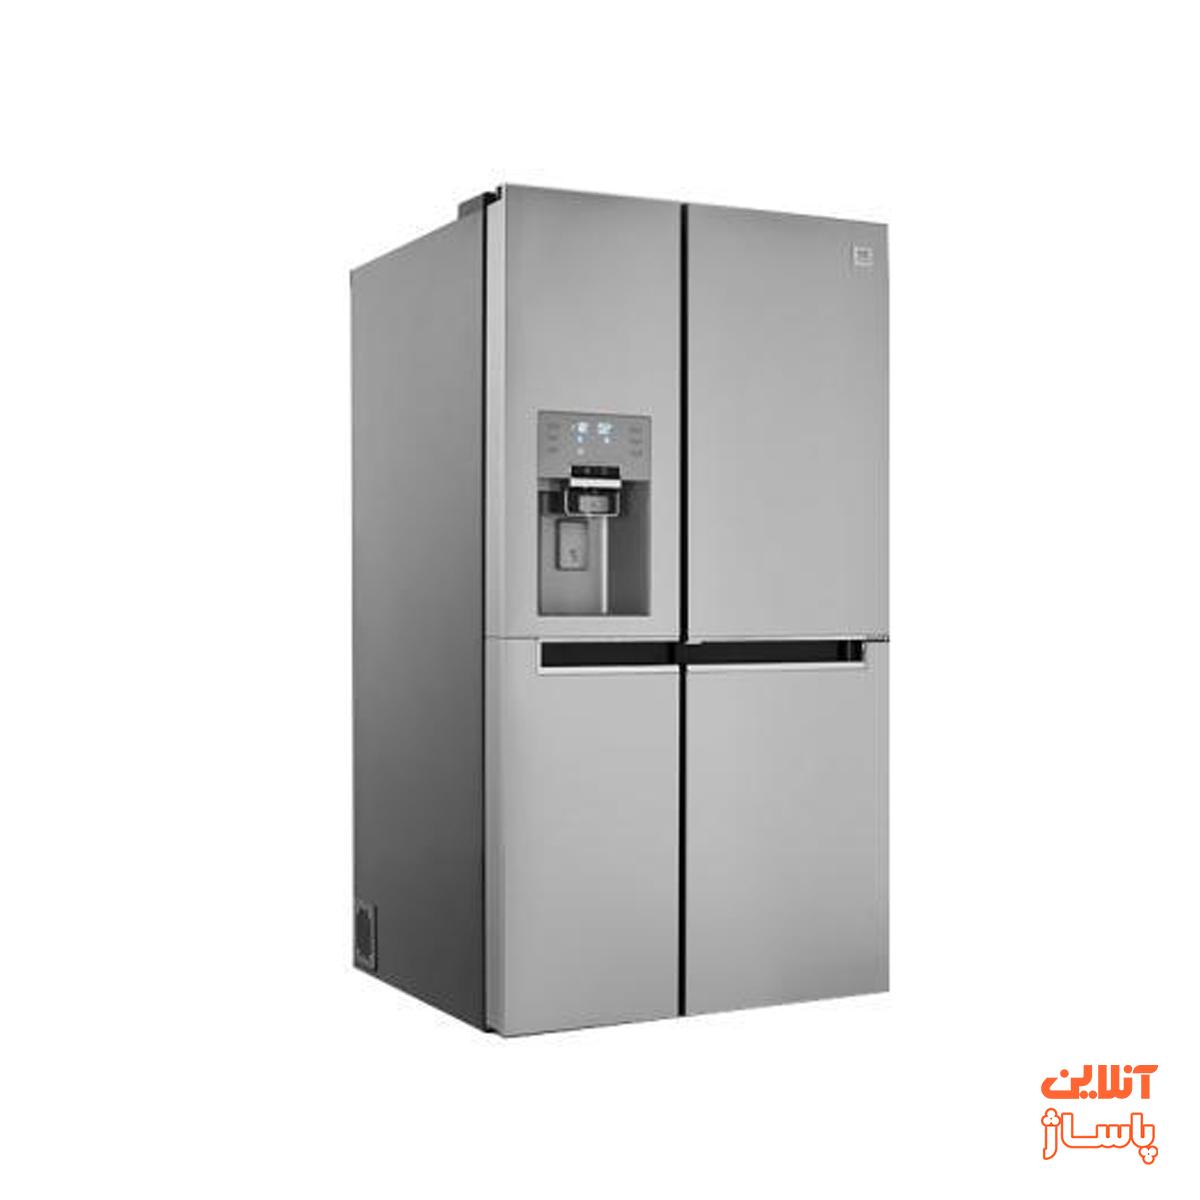 یخچال و فریزر ساید بای ساید دوو سری پرایم مدل D4S-0034SS سه درب